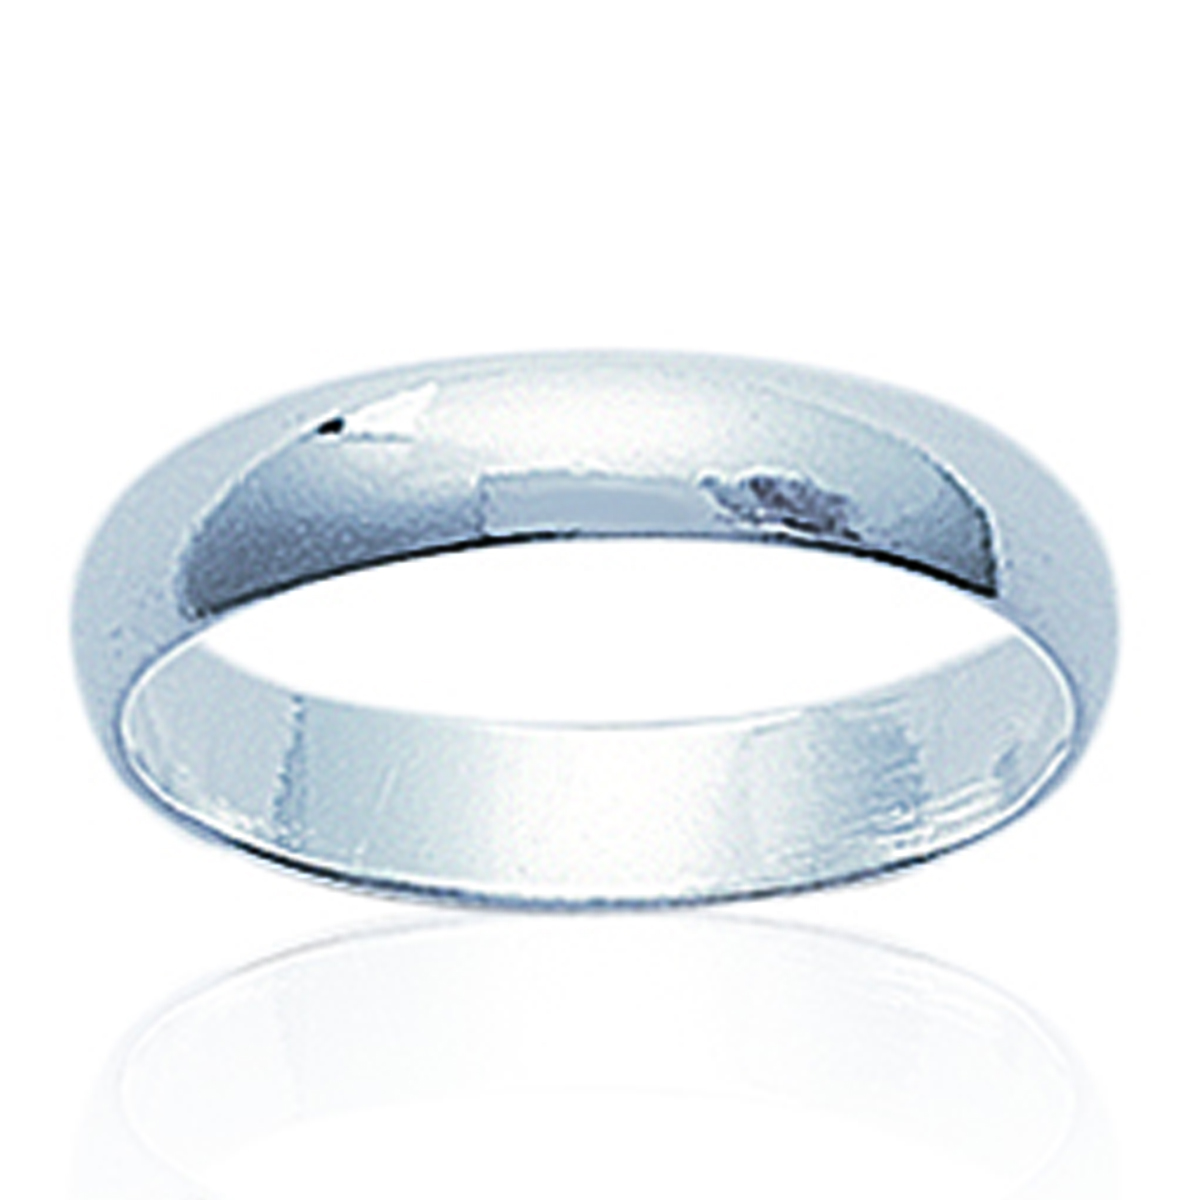 Alliance \'Demi-Jonc\' Argent (rhodié) - 4 mm - [N1801]